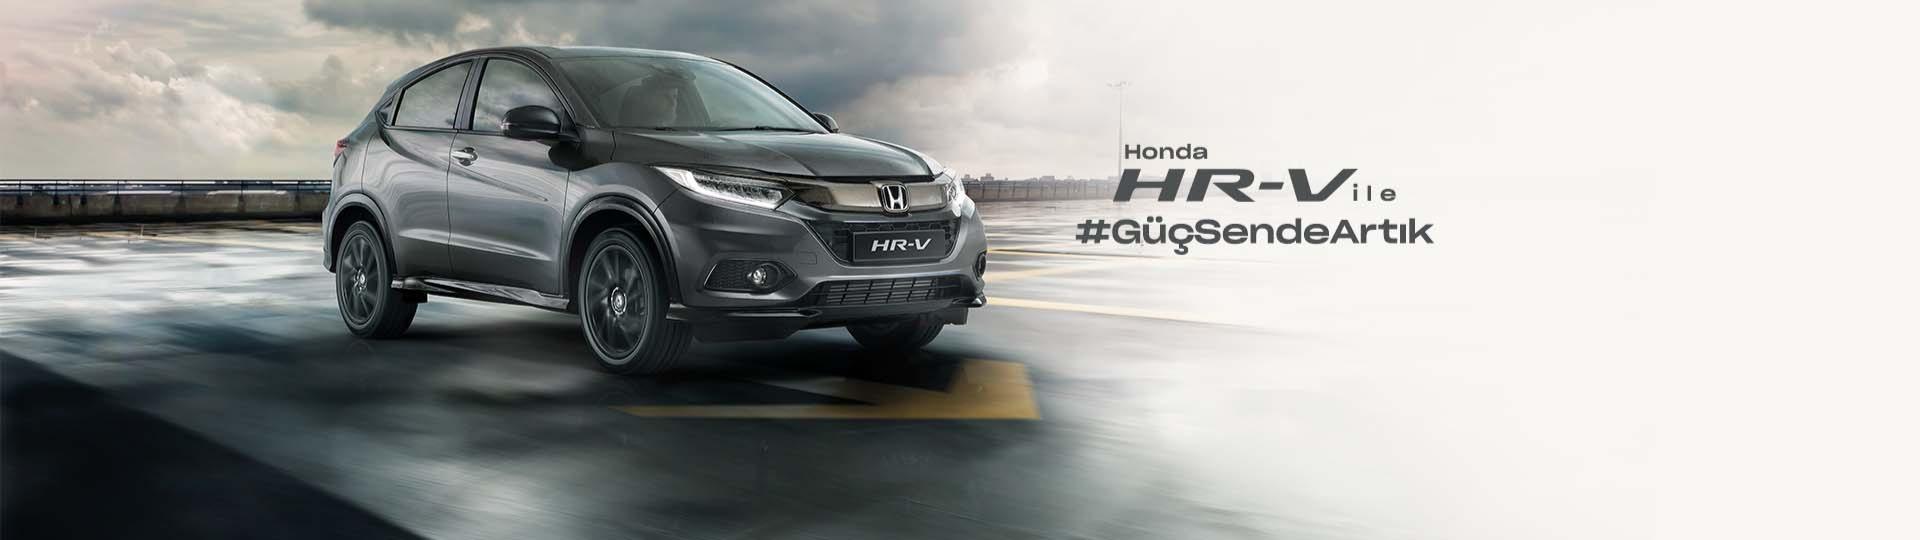 Honda Plaza  Şen Honda HR-V, 70.000 TL, 15 ay vade ve %0,80 faiz avantajıyla Honda Showroom'larında sizi bekliyor.